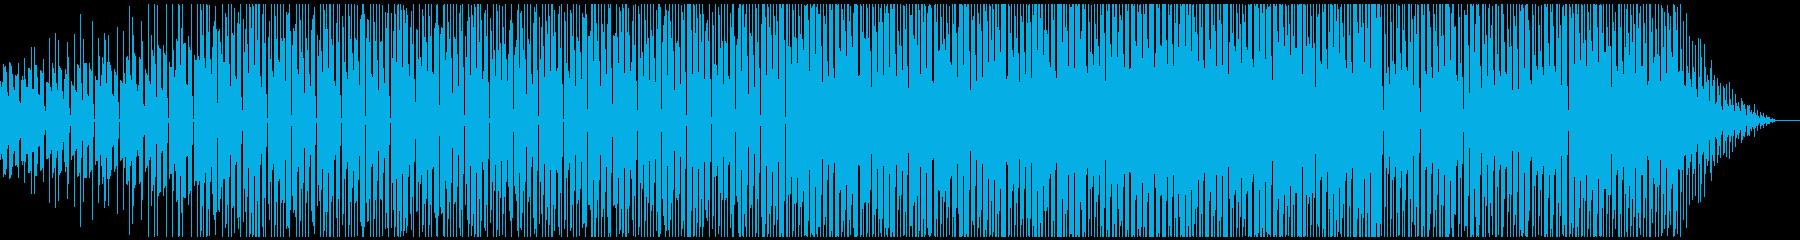 のんびりとしつつも少しあやしい感じのチルの再生済みの波形